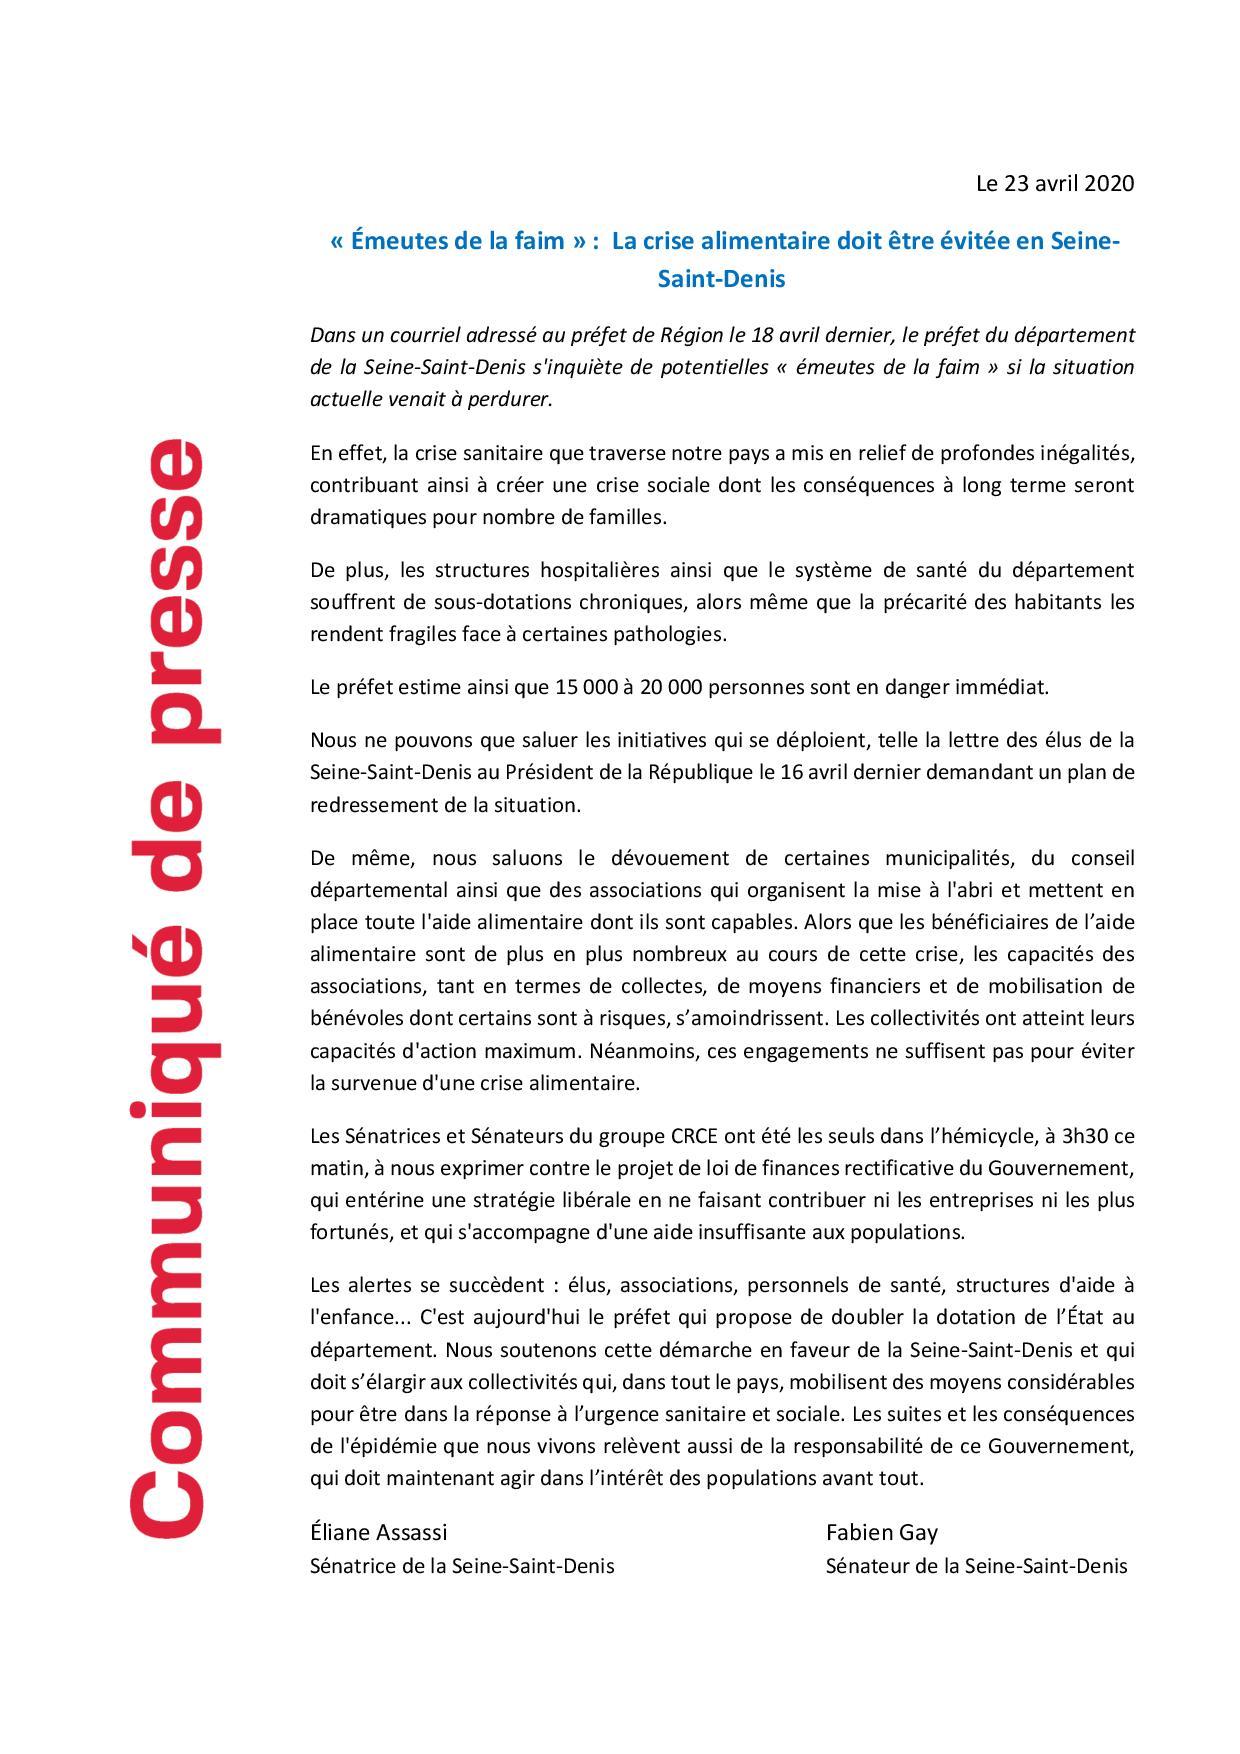 CP_SSD-émeutes_de_la_faim-avril20-page-001.jpg